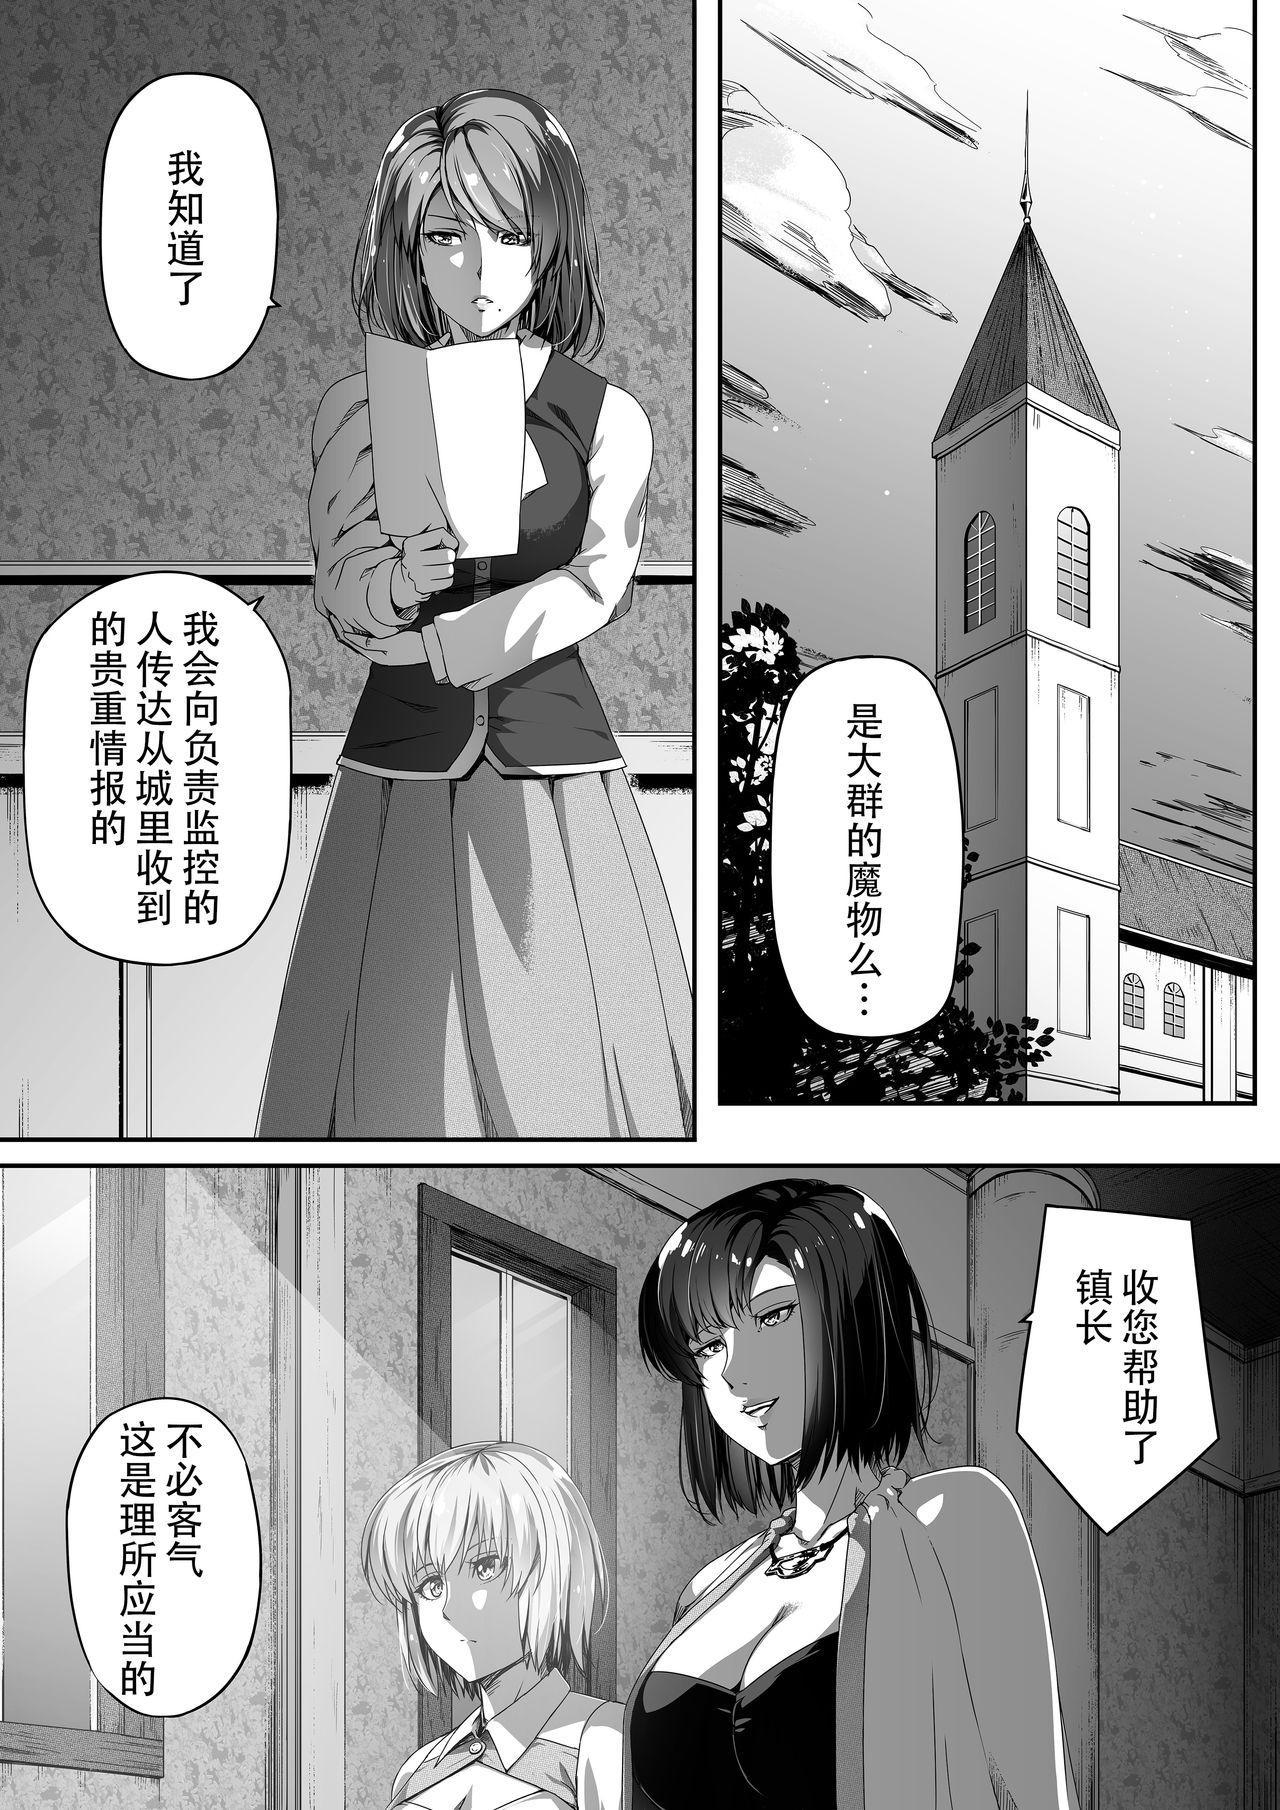 Chikara Aru Succubus wa Seiyoku o Mitashitai dake. 1 17